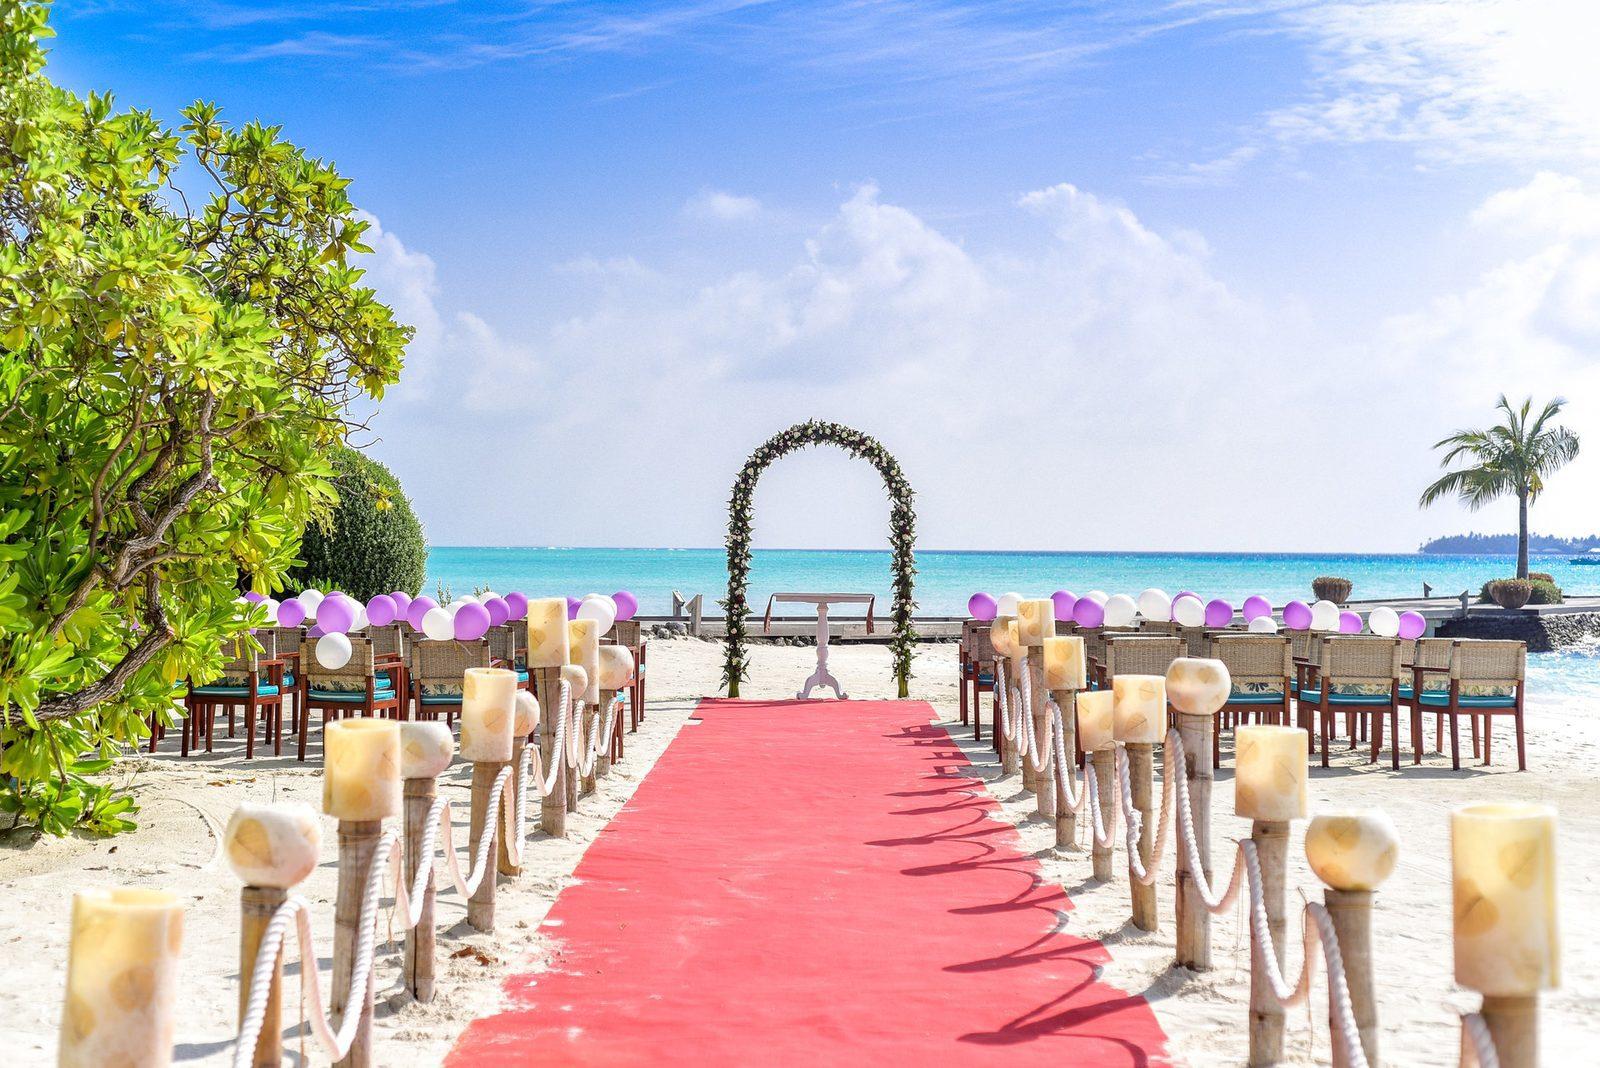 Trouwen op Bonaire is een droom van vele stellen. Wilt u ook het ja-woord geven aan uw partner op dit eiland? Bekijk meer op Resort Bonaire.